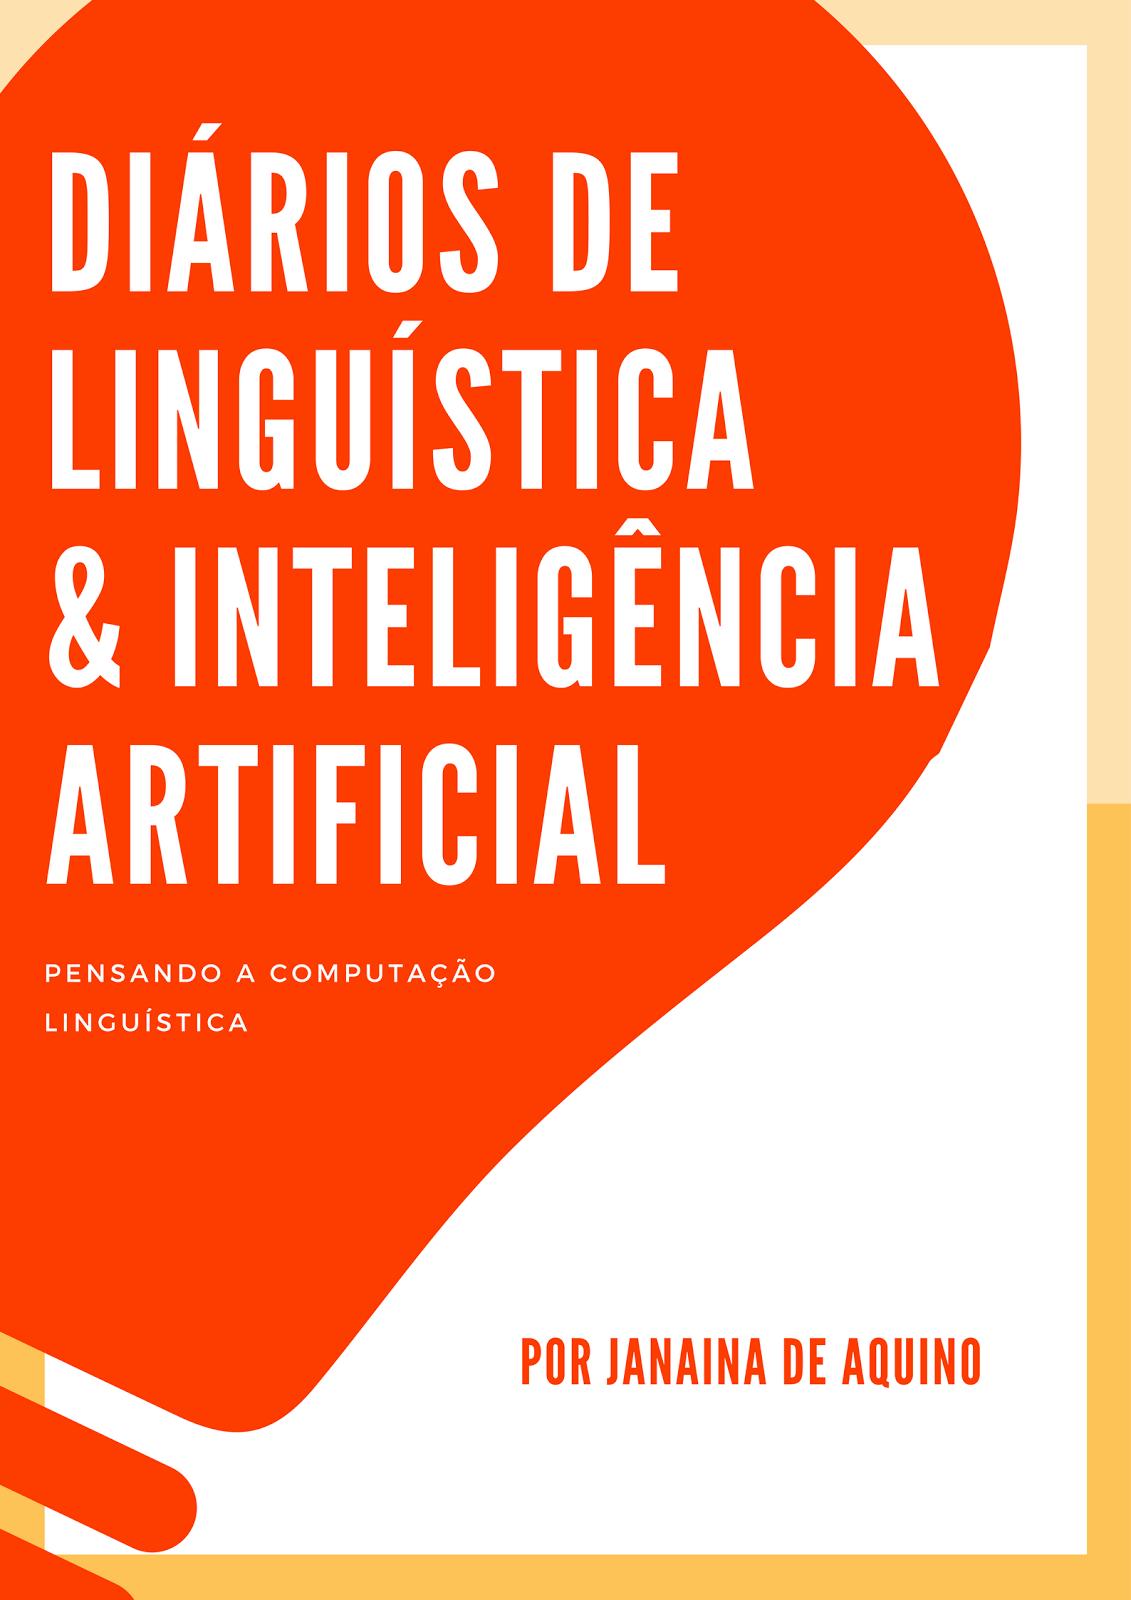 Diários de Linguística